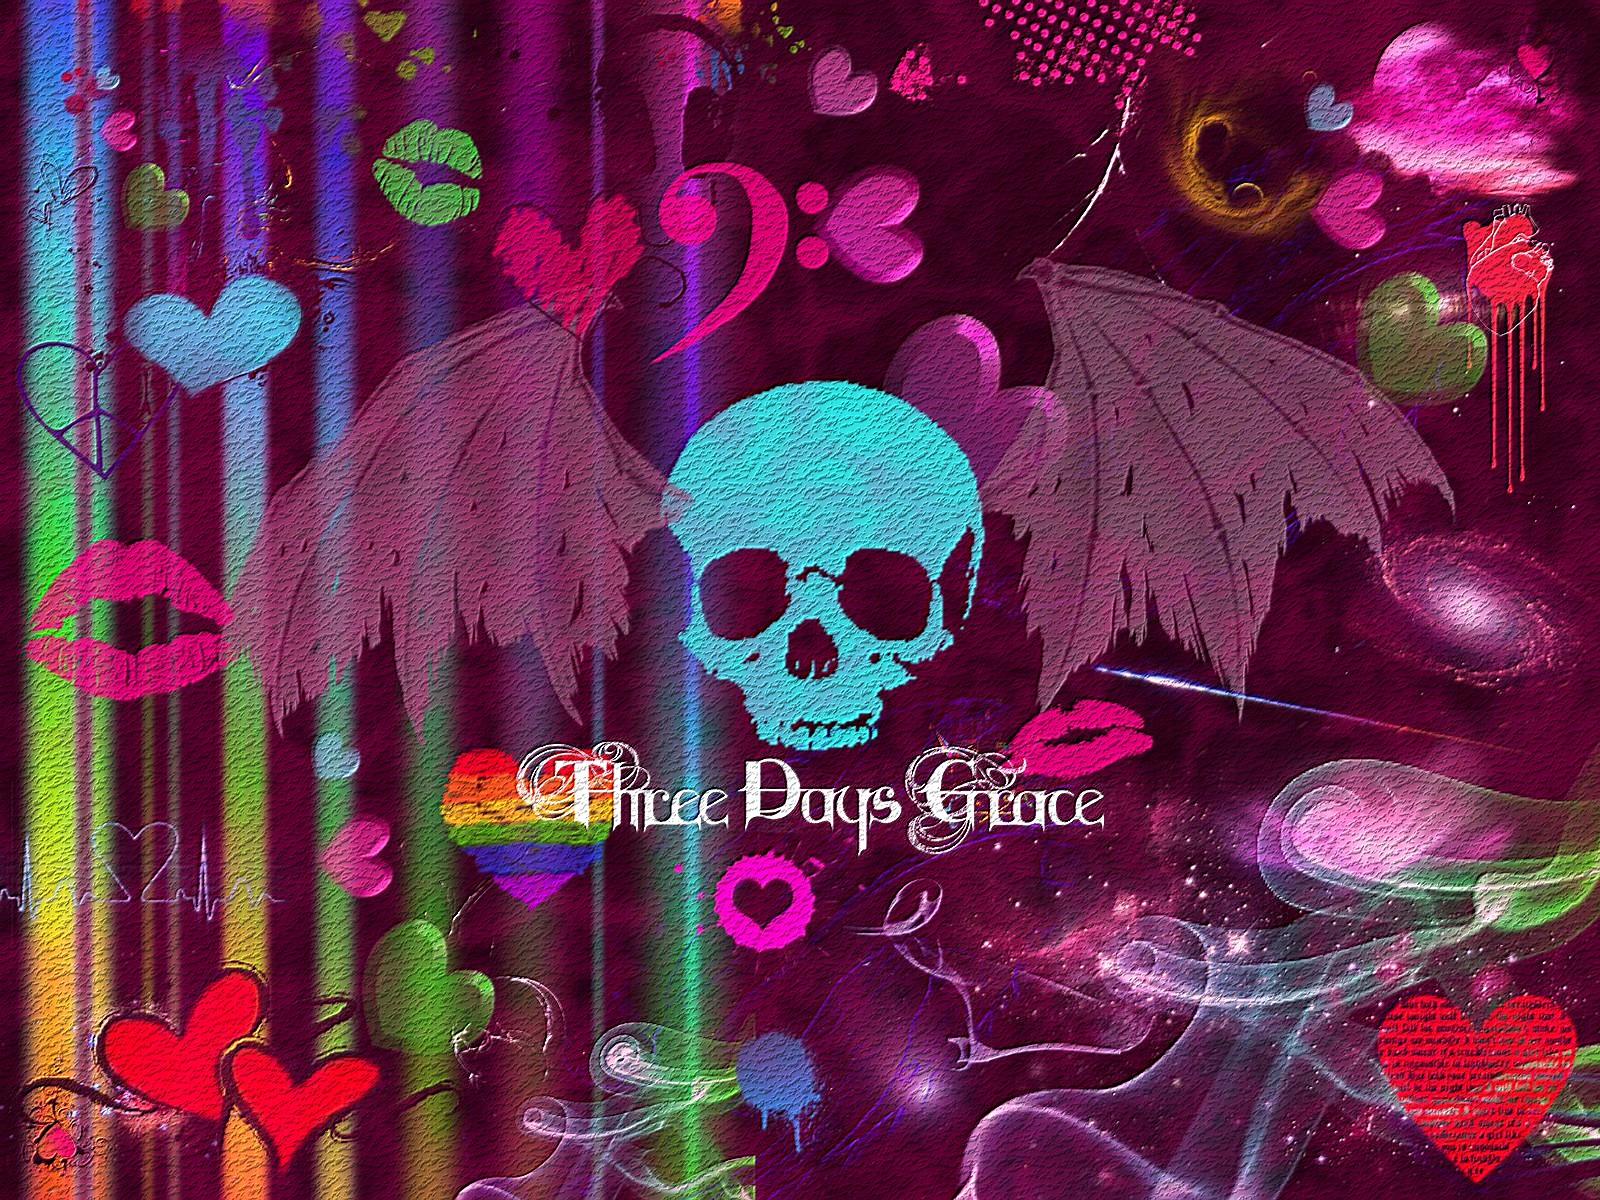 Three Days Grace wallpaper 1600x1200